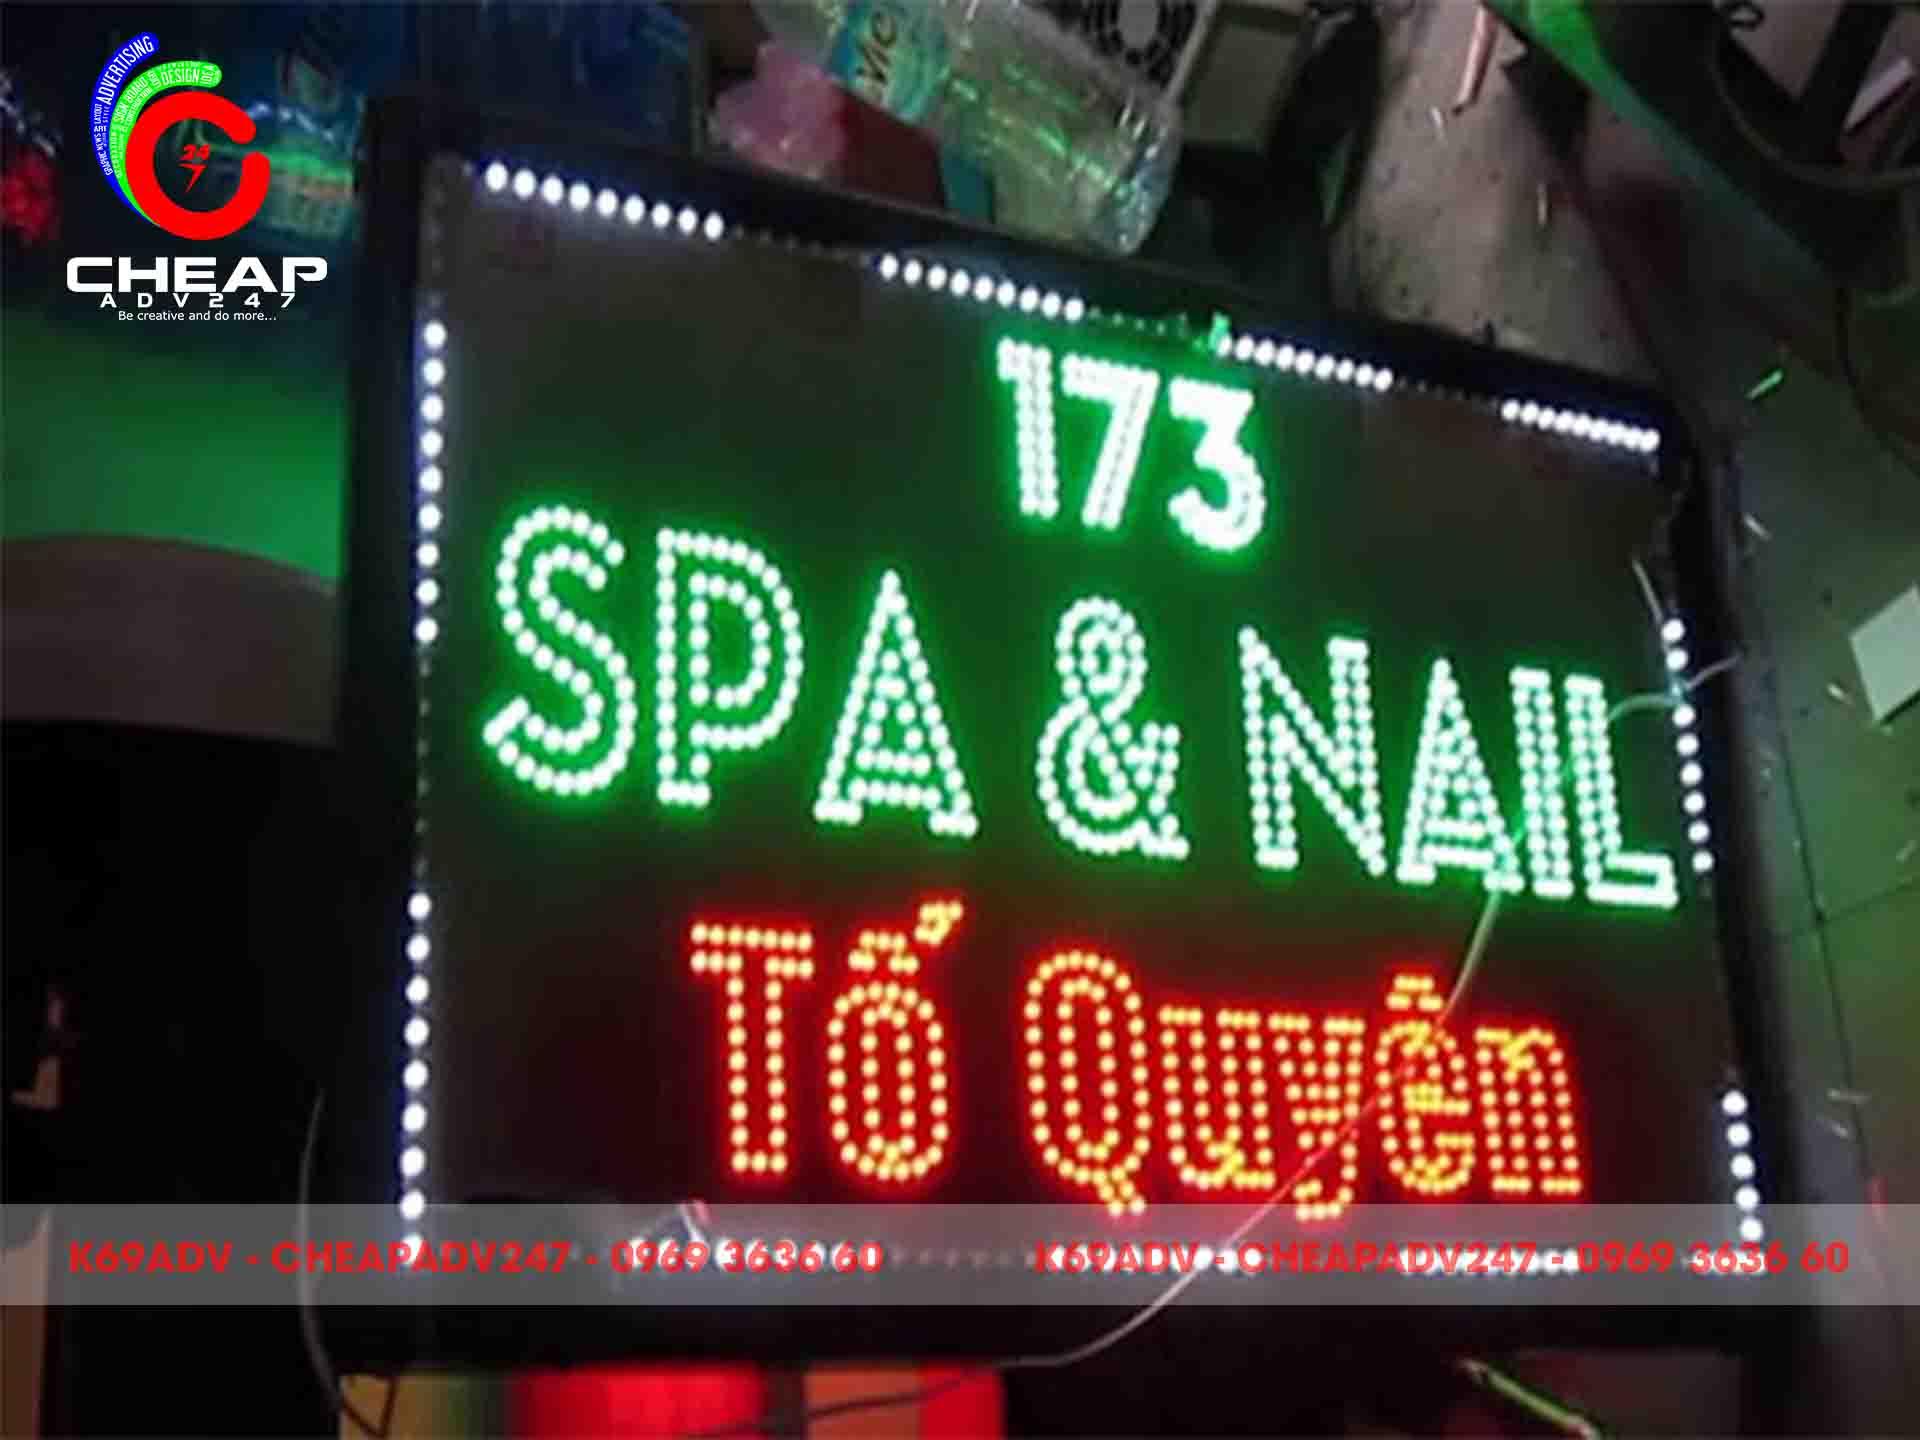 Mẫu bảng hiệu Nail do Cheapadv247 thi công